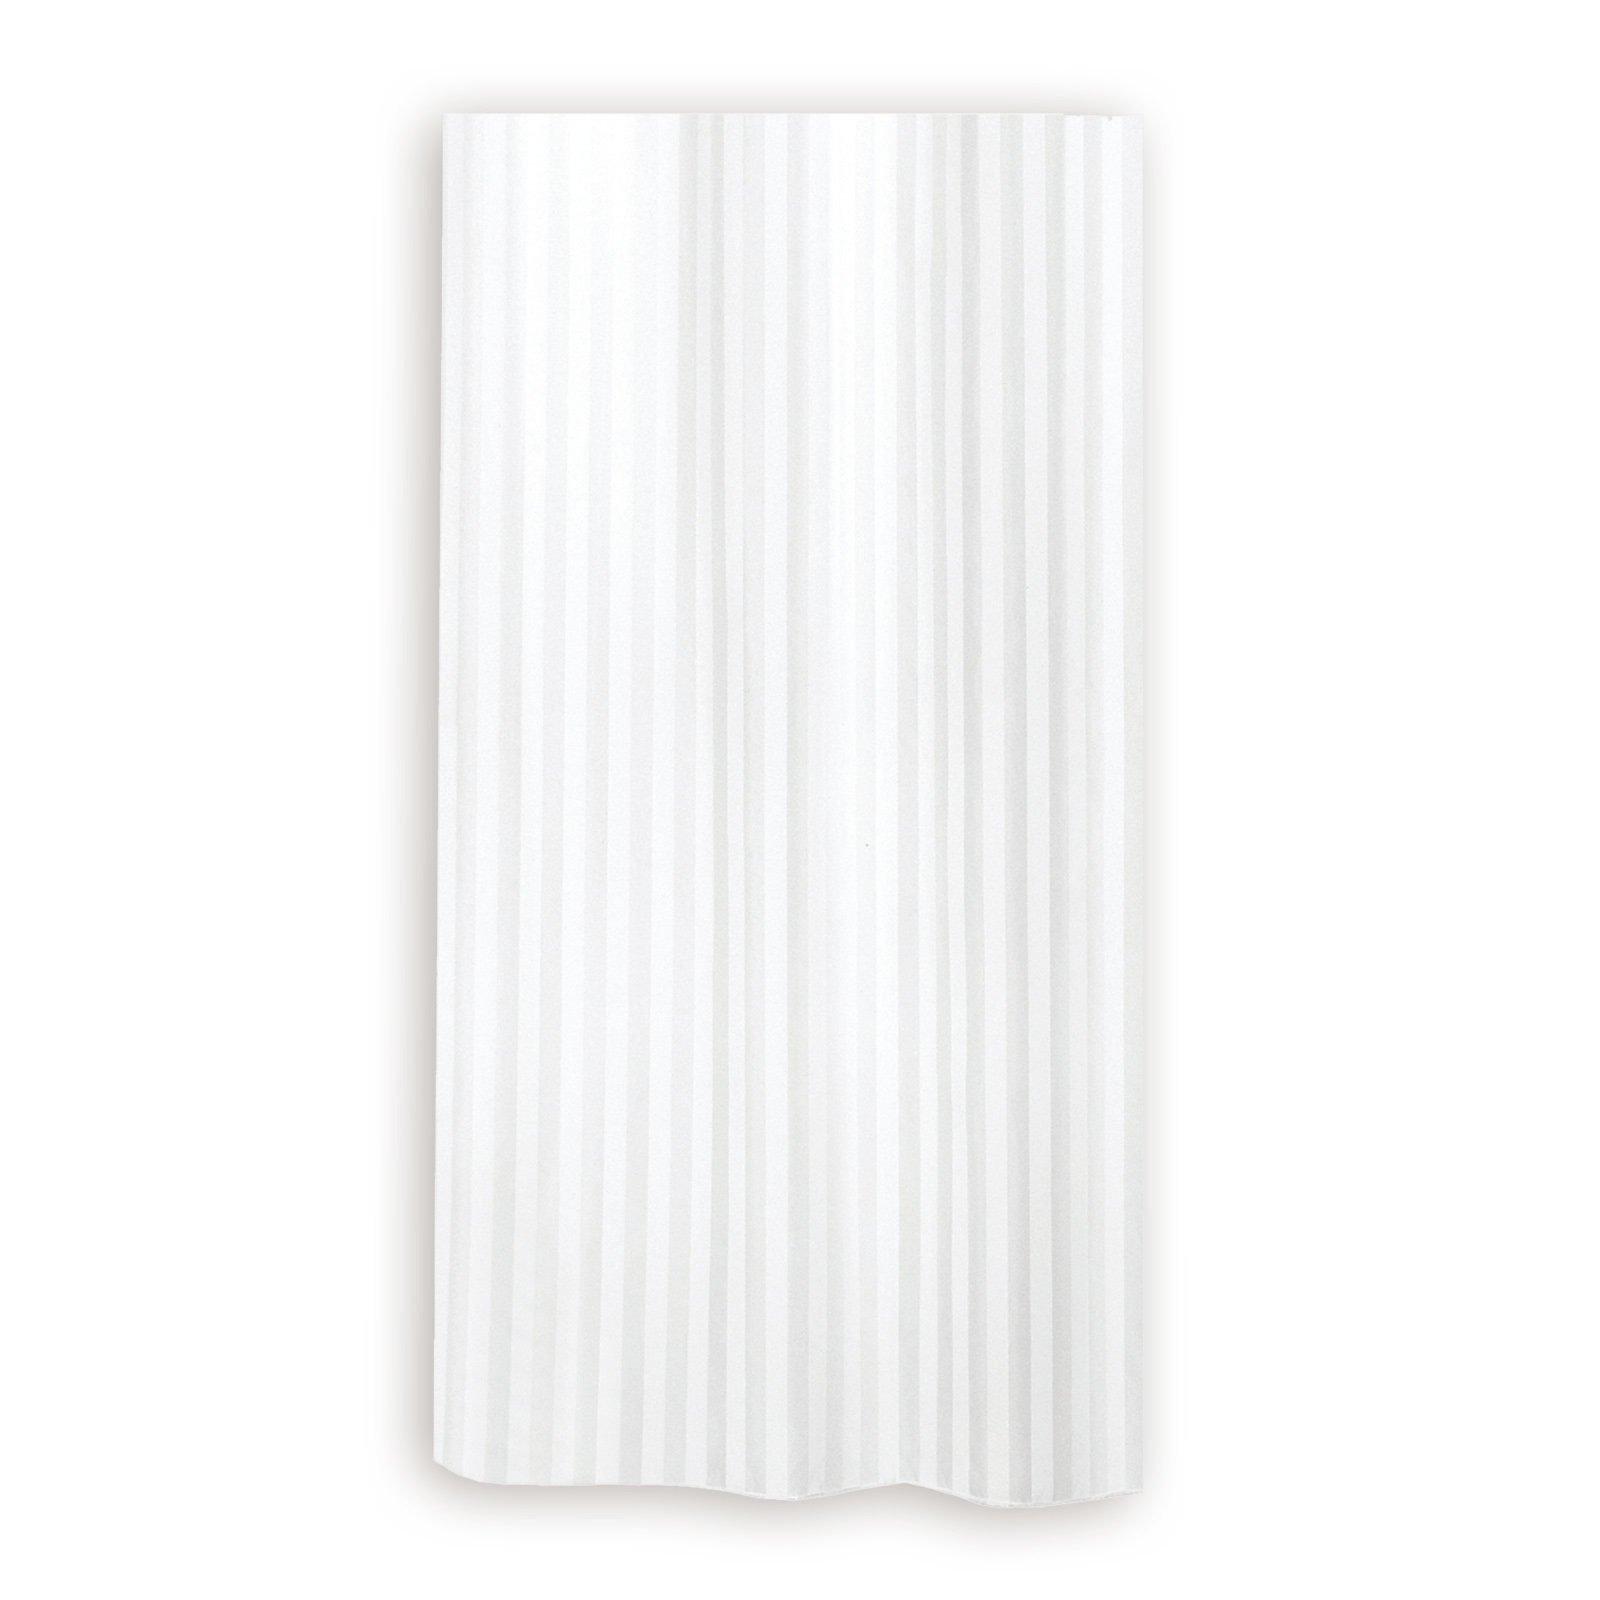 duschvorhang hilton wei 180x200 cm duschvorh nge. Black Bedroom Furniture Sets. Home Design Ideas